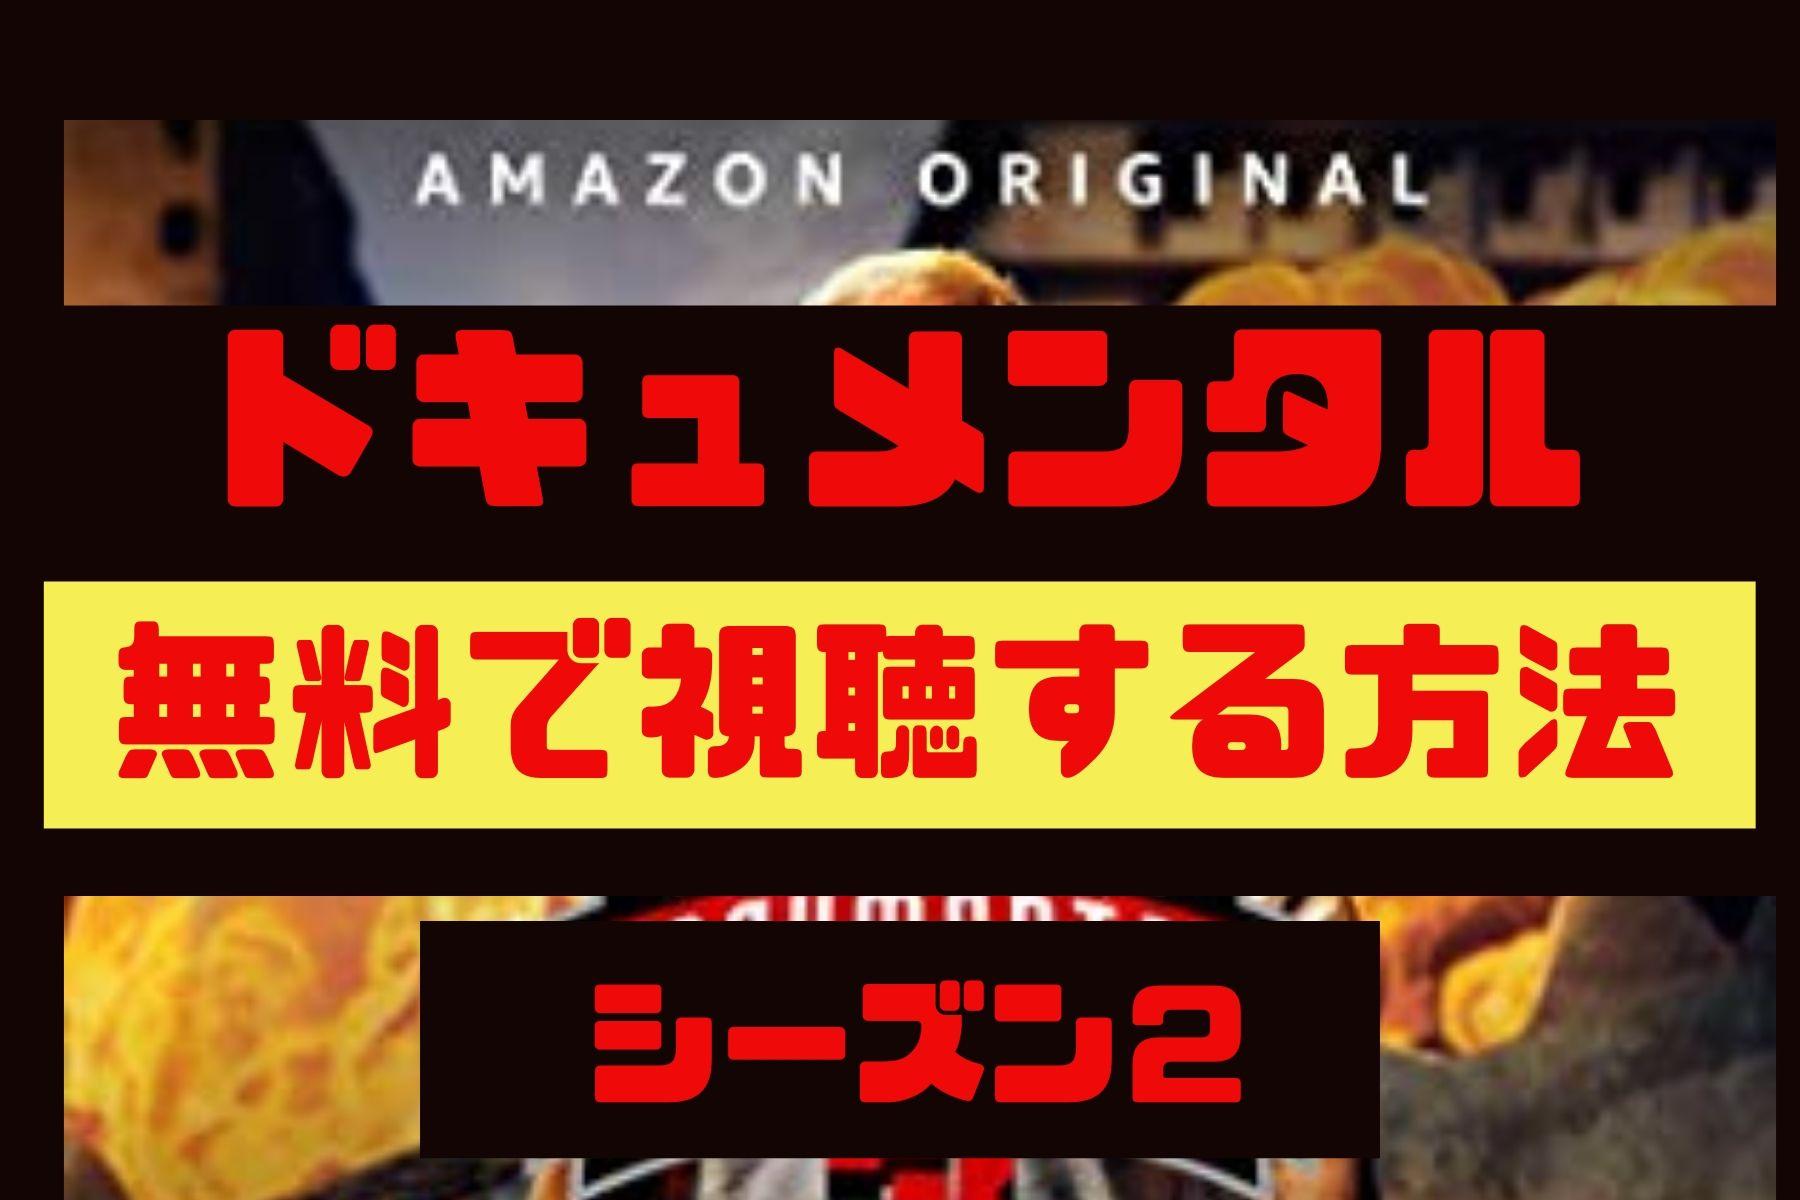 ドキュメンタル【シーズン2】の動画を無料で視聴する方法